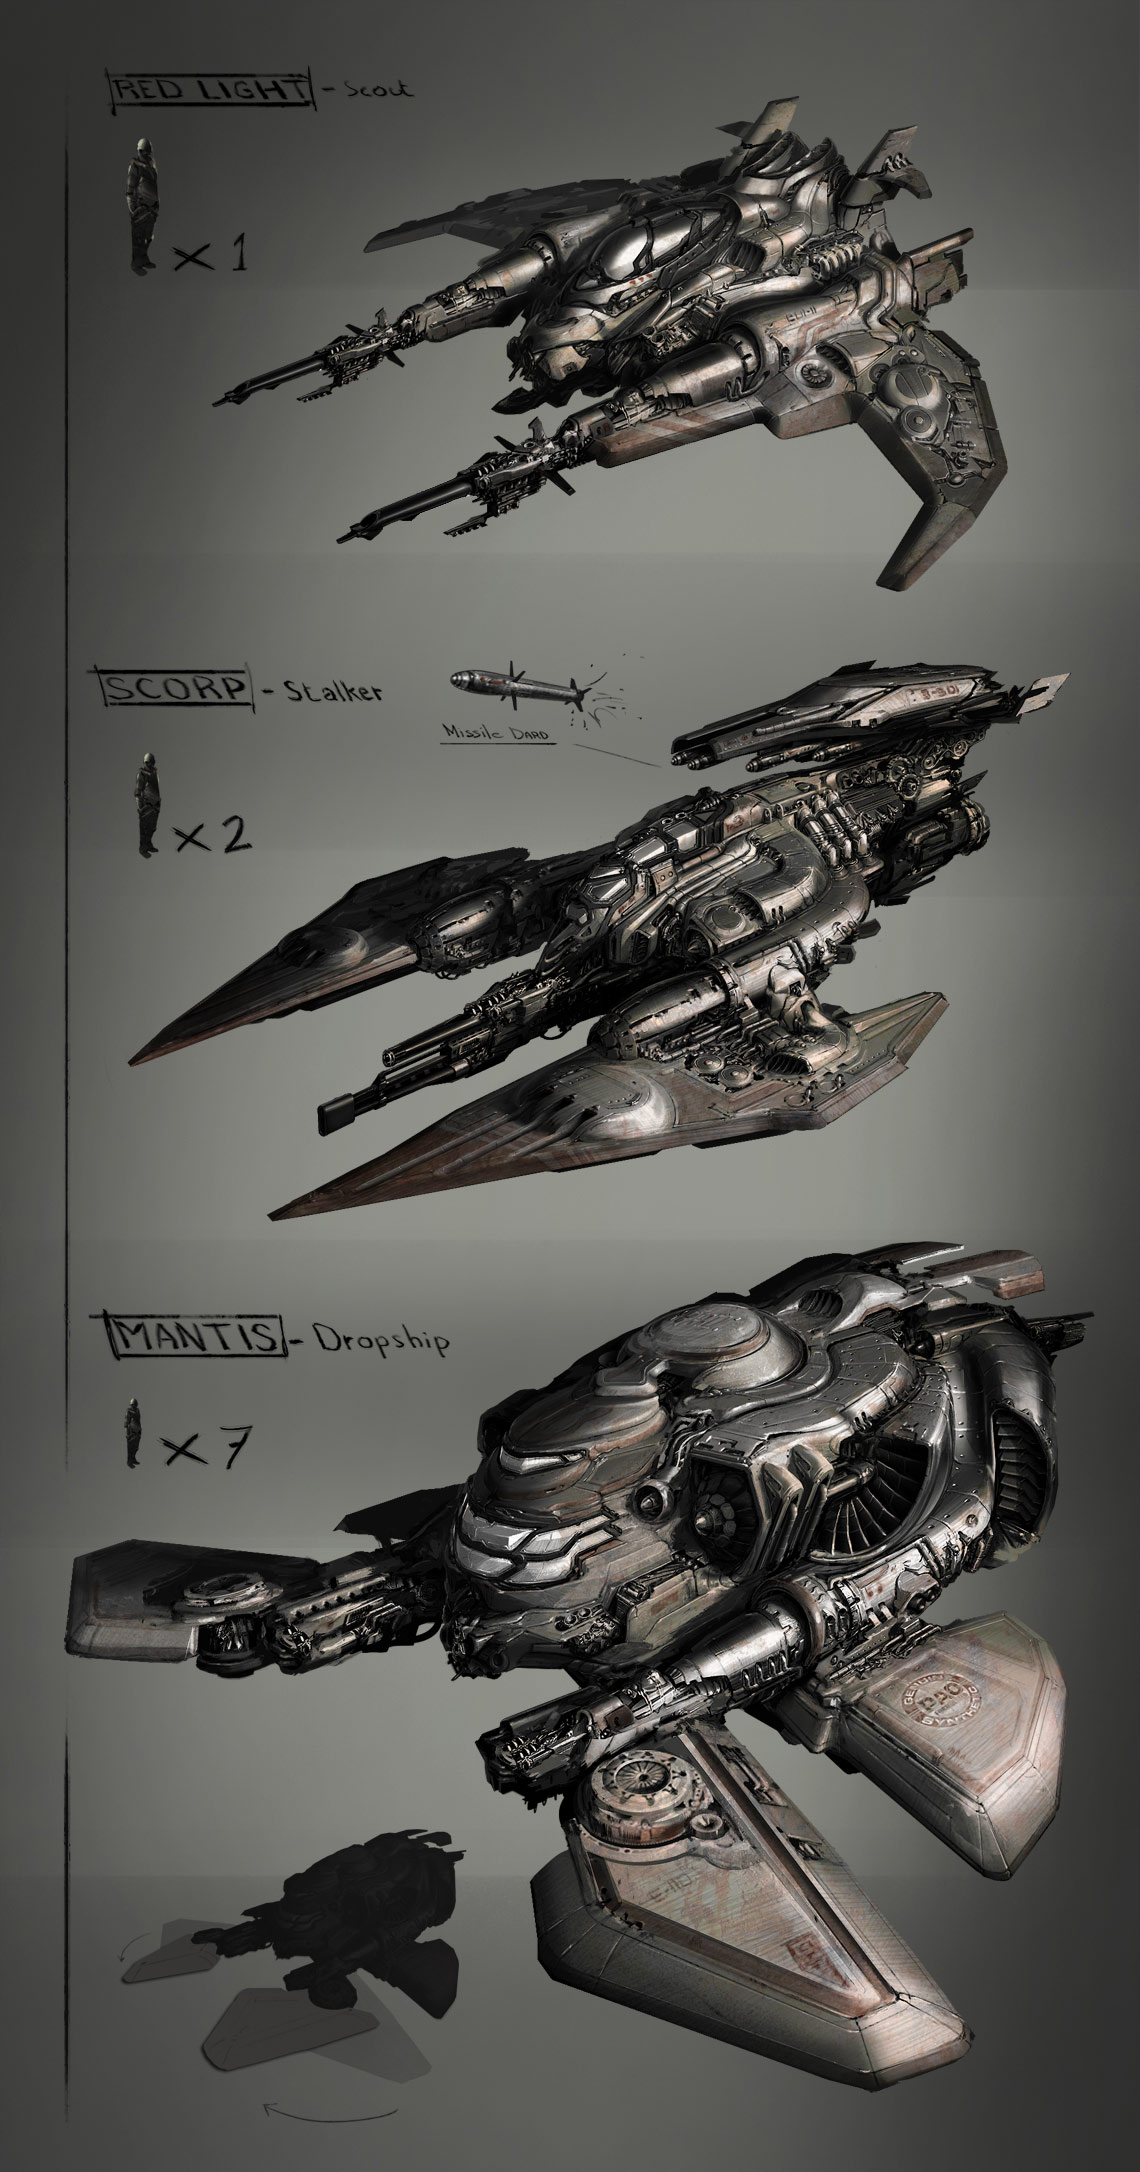 Concept ships concept spaceships by l o lasfargue for Spaceship design